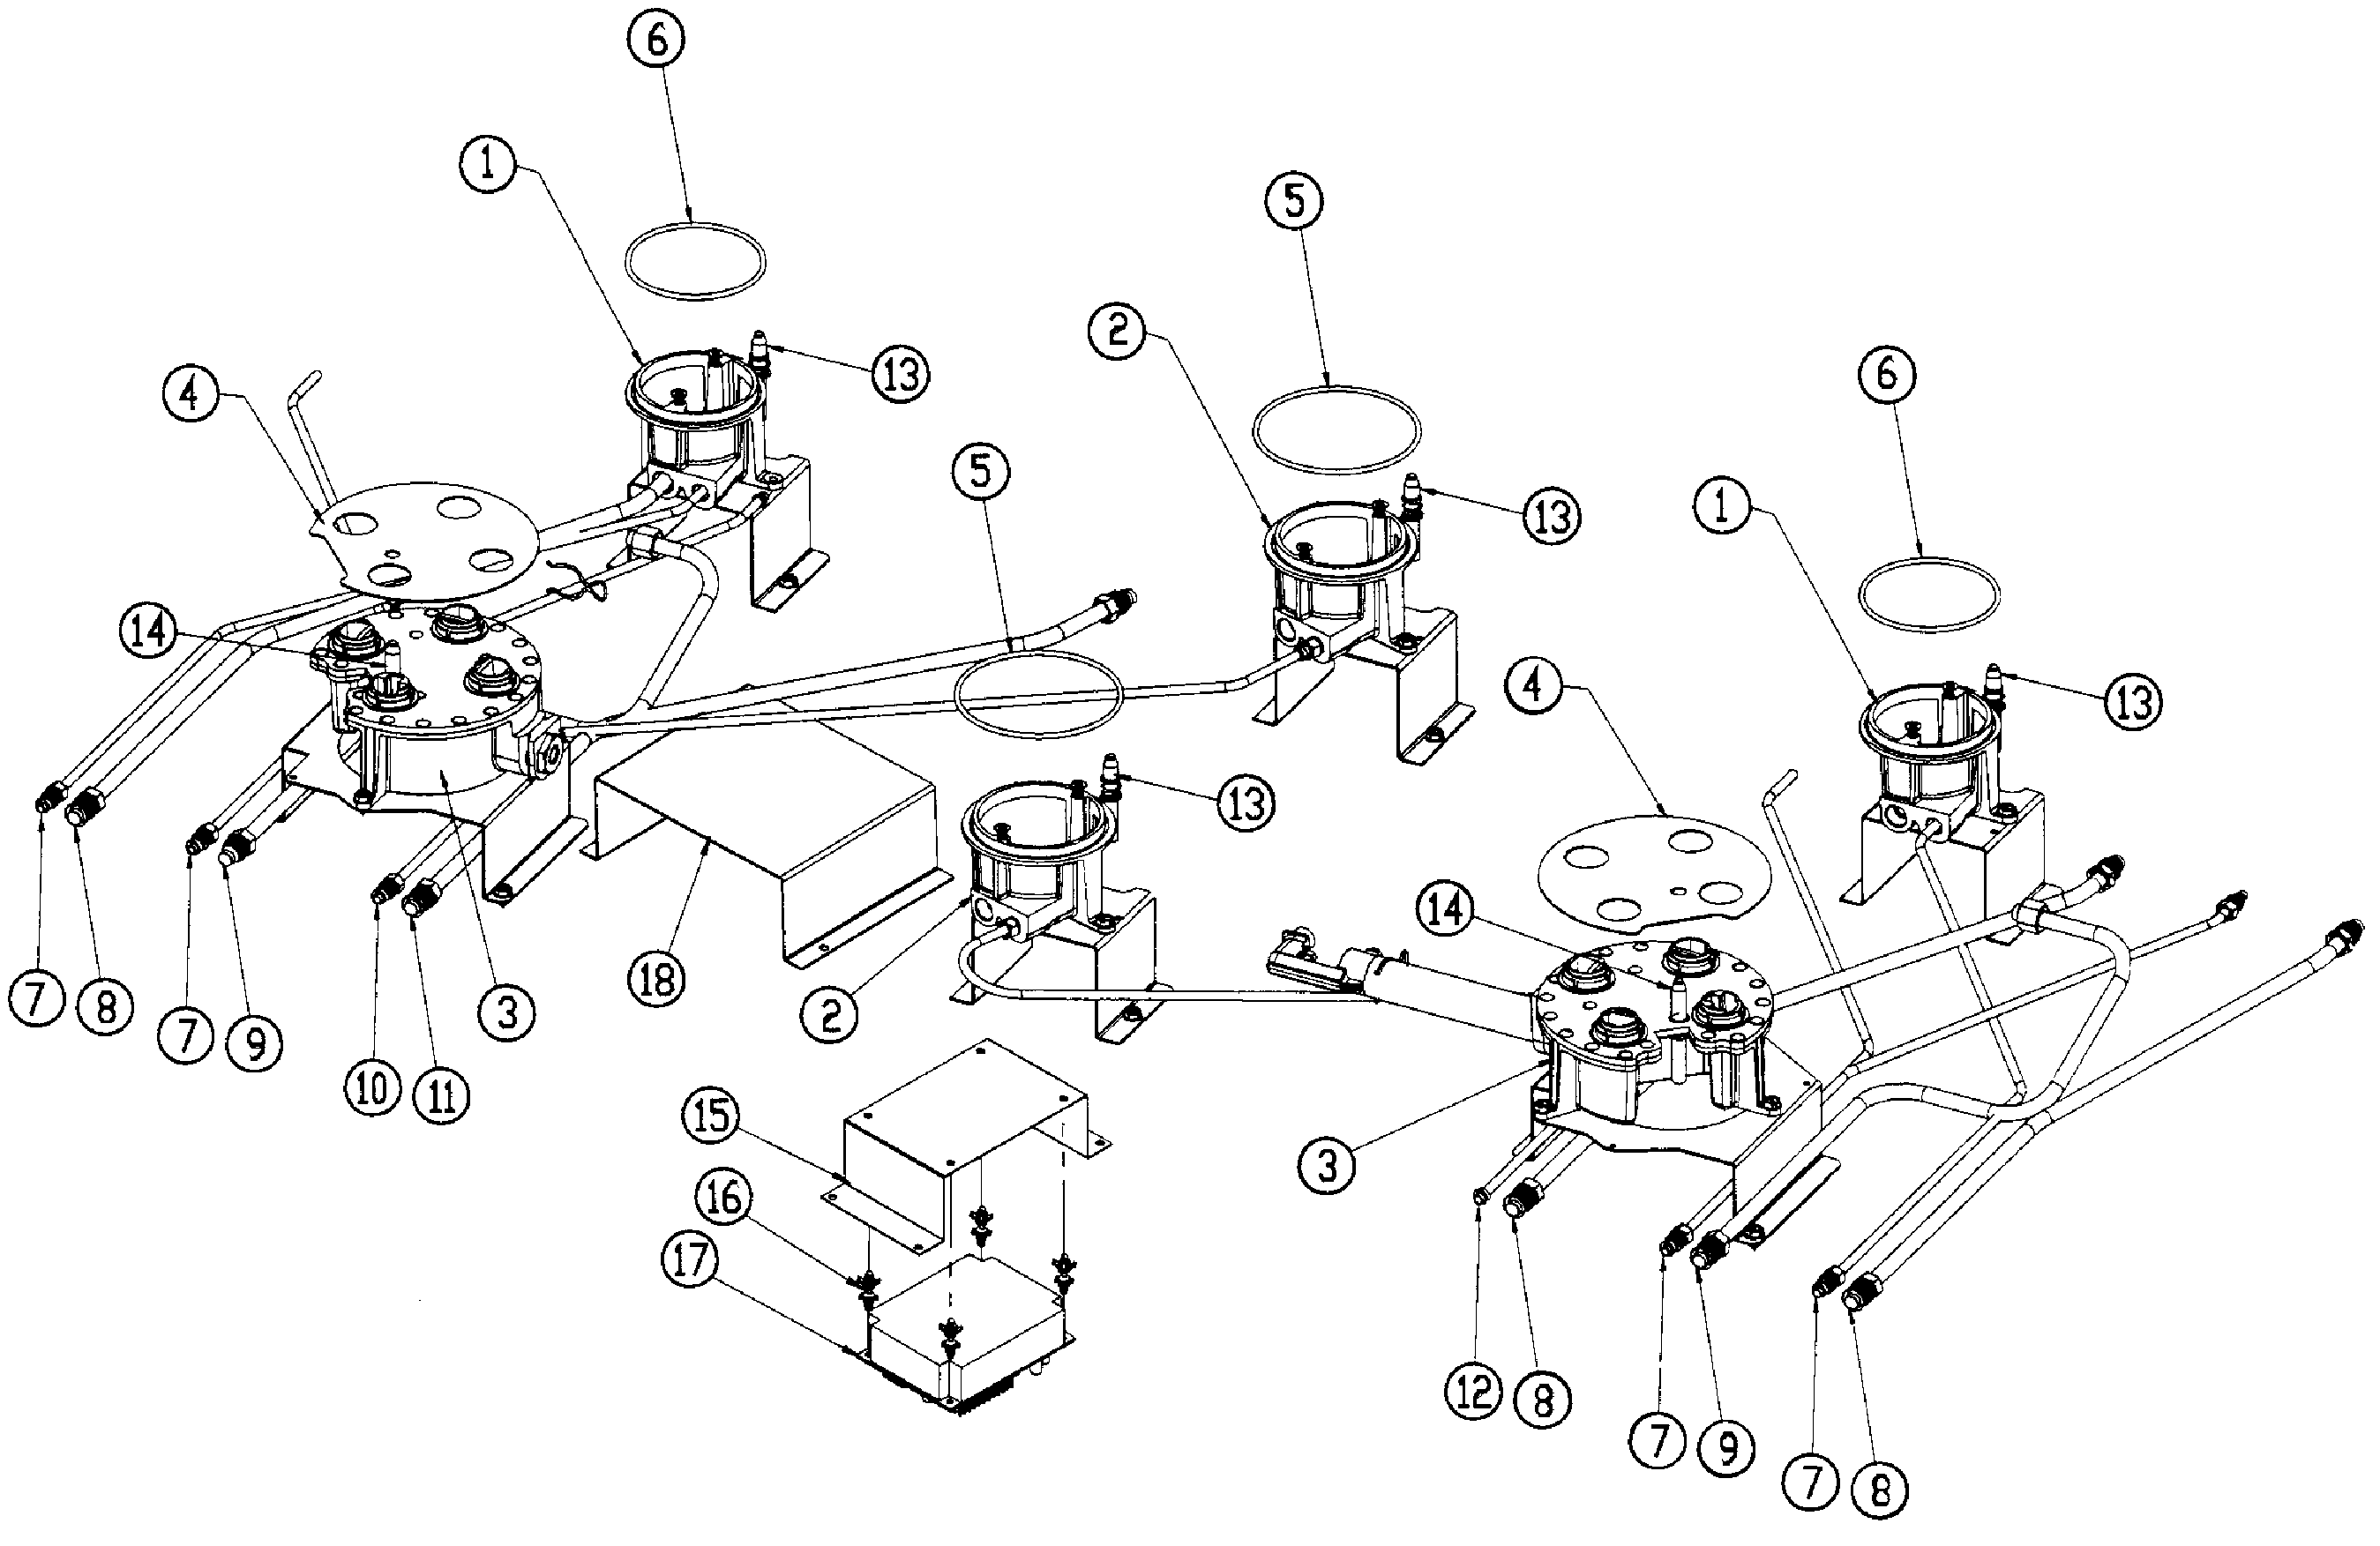 IGNITER ASSY Diagram & Parts List for Model ER48DSCHLP